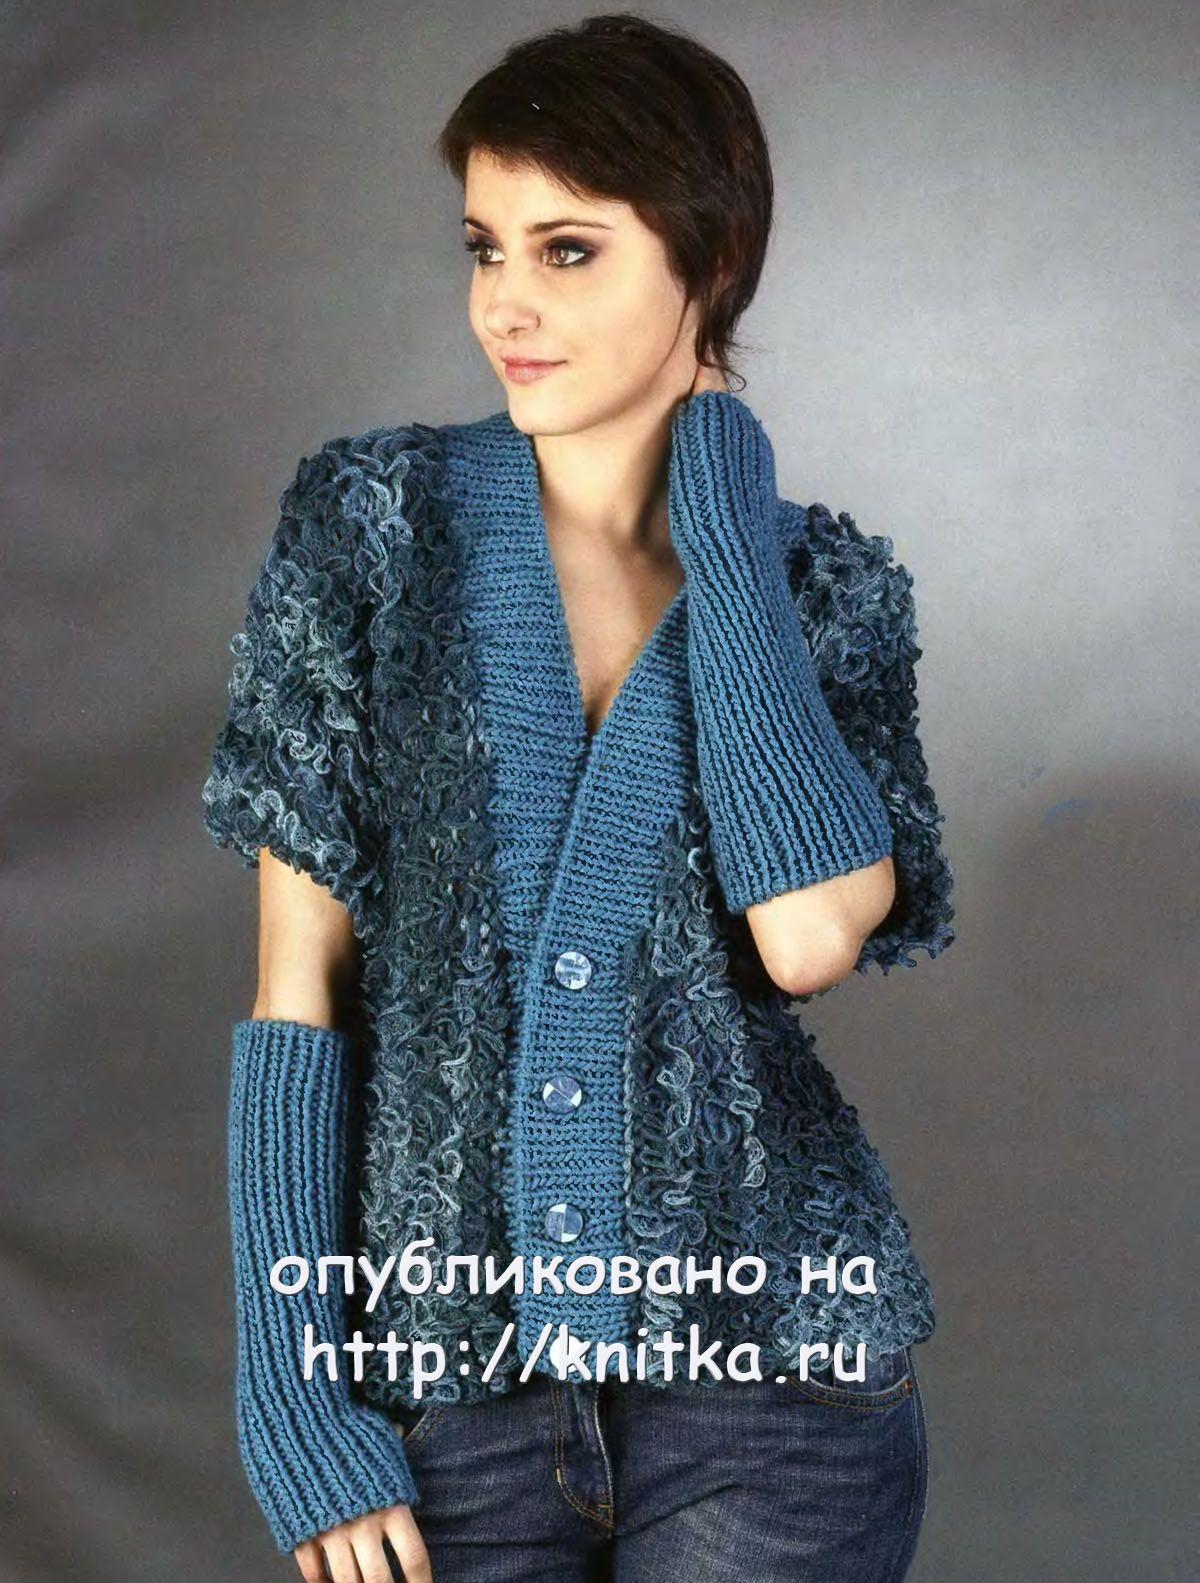 Вязаные платья крючком фото и схемы на 35 лет - Фасон.